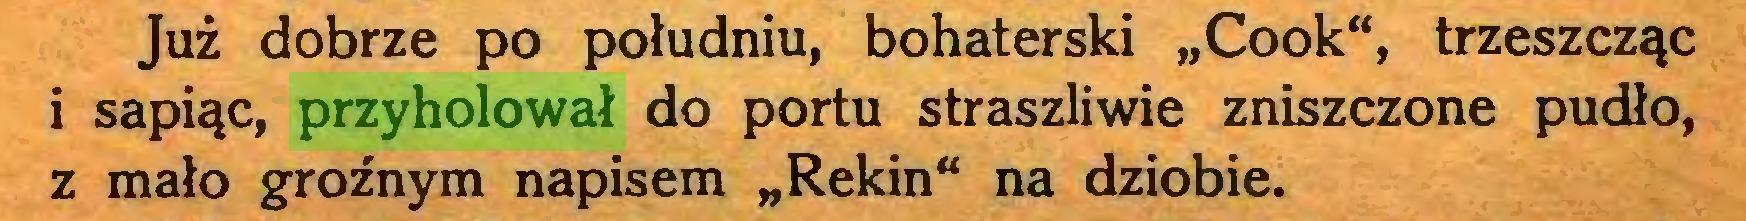 """(...) Już dobrze po południu, bohaterski """"Cook"""", trzeszcząc i sapiąc, przyholował do portu straszliwie zniszczone pudło, z mało groźnym napisem """"Rekin"""" na dziobie..."""